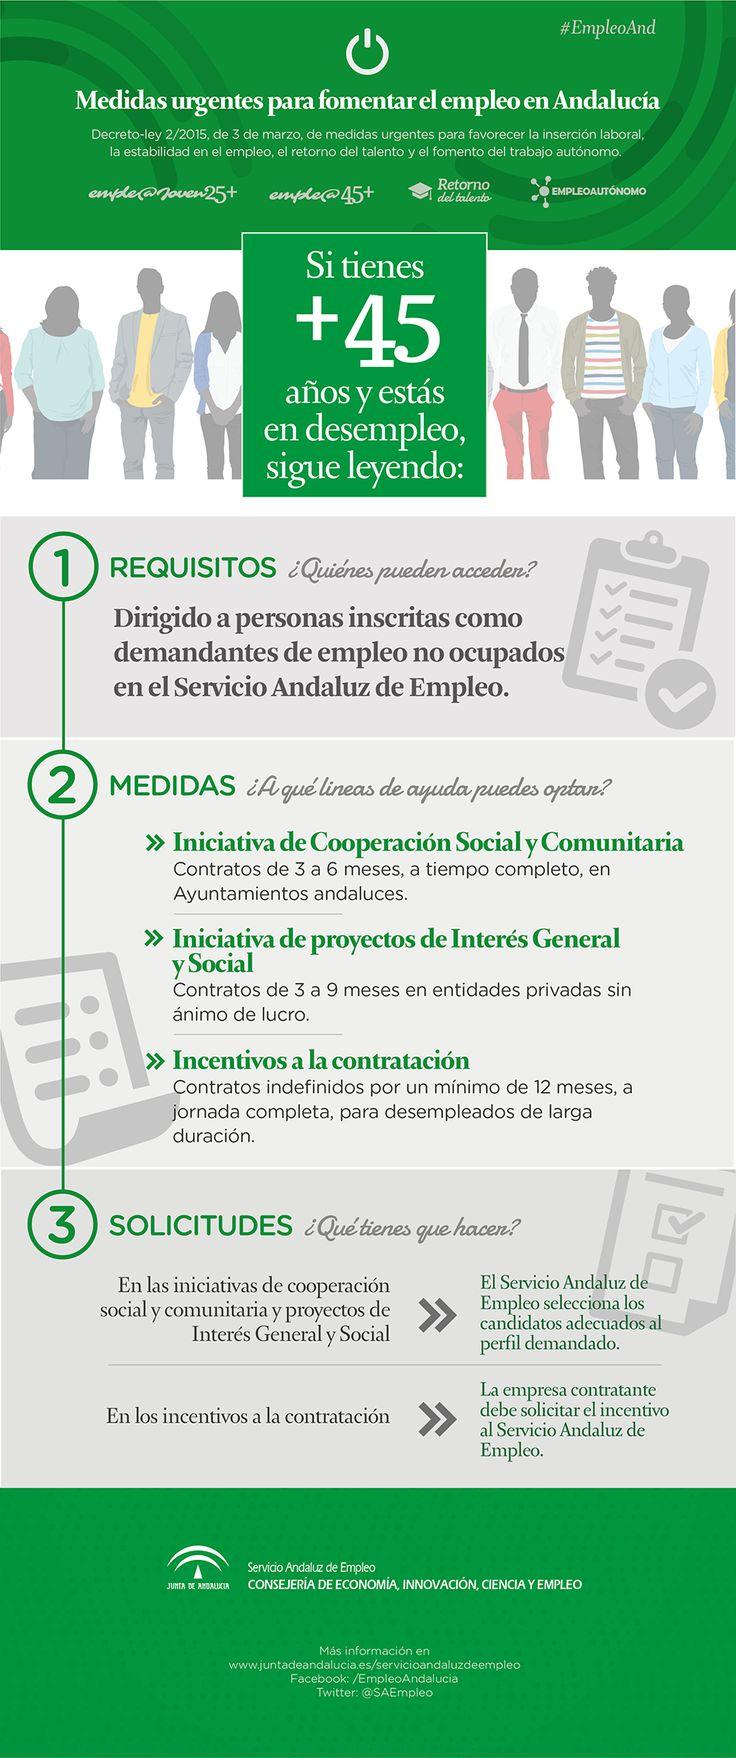 Te damos la claves de las iniciativas que la Junta de Andalucía ha puesto en marcha para facilitar la vuelta al empleo del colectivo de mayores de 45 años.